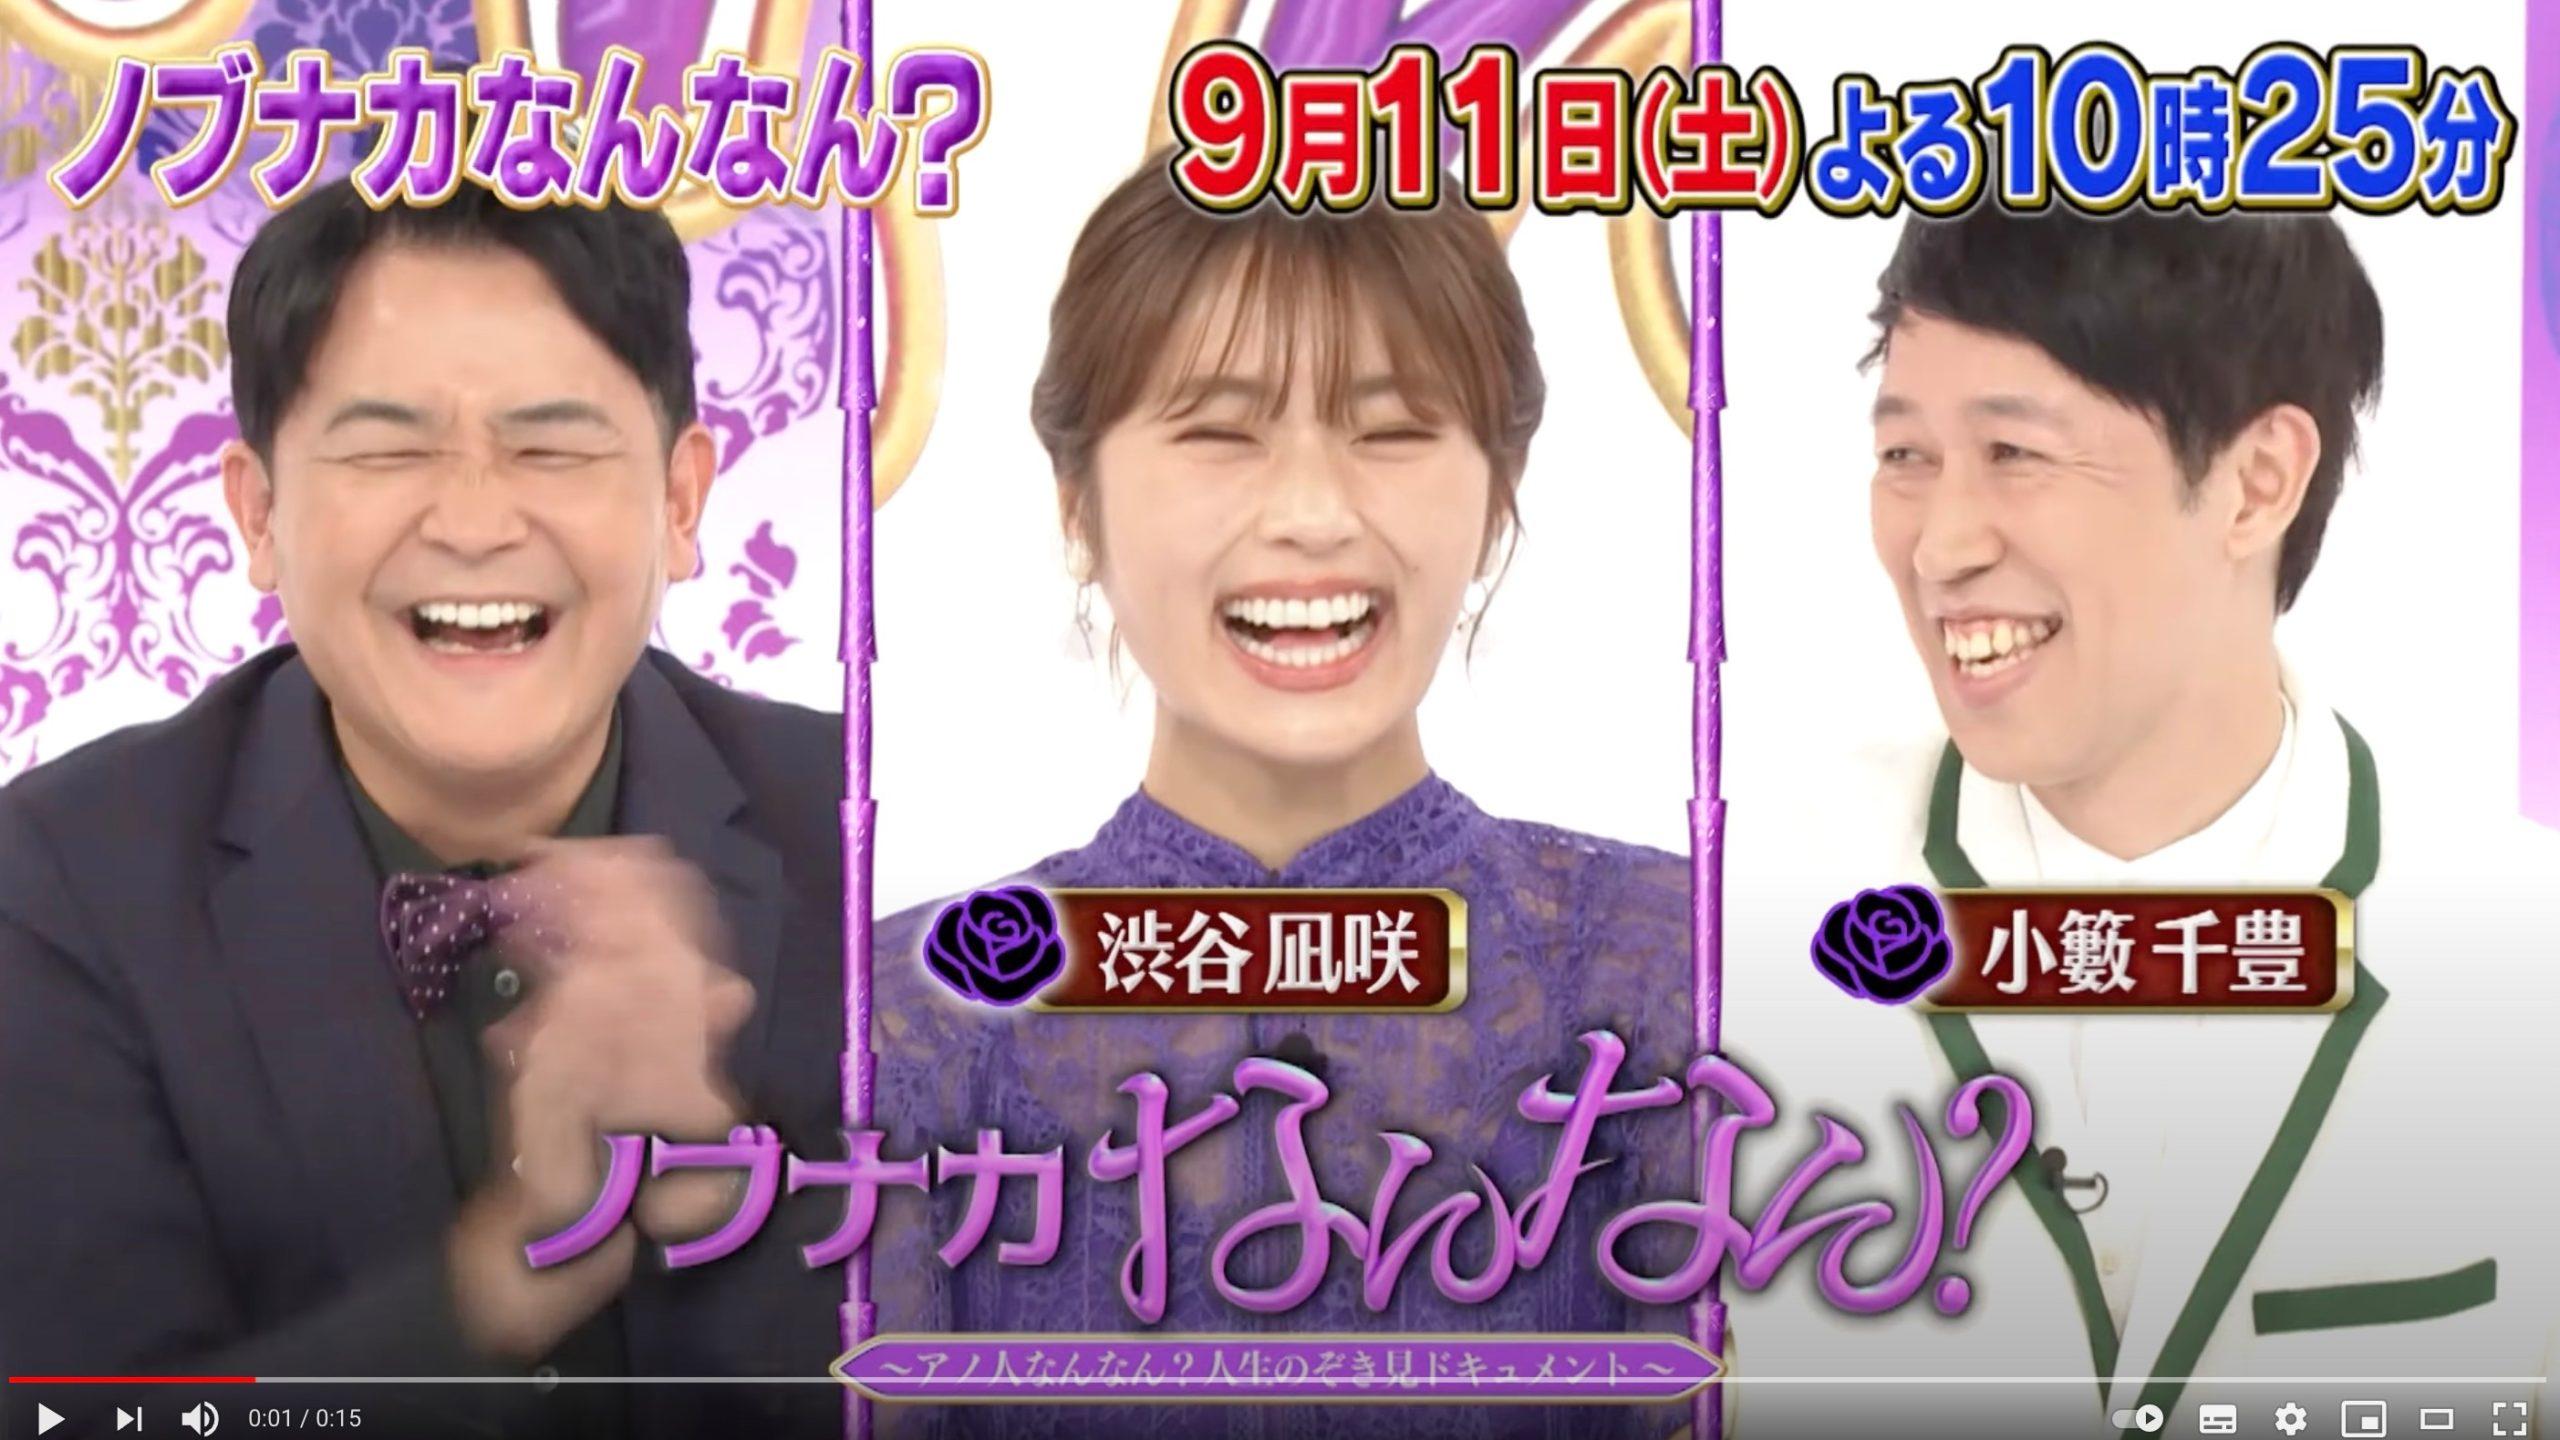 【渋谷凪咲】9月11日にの「ノブナカなんなん?」になぎさが出演